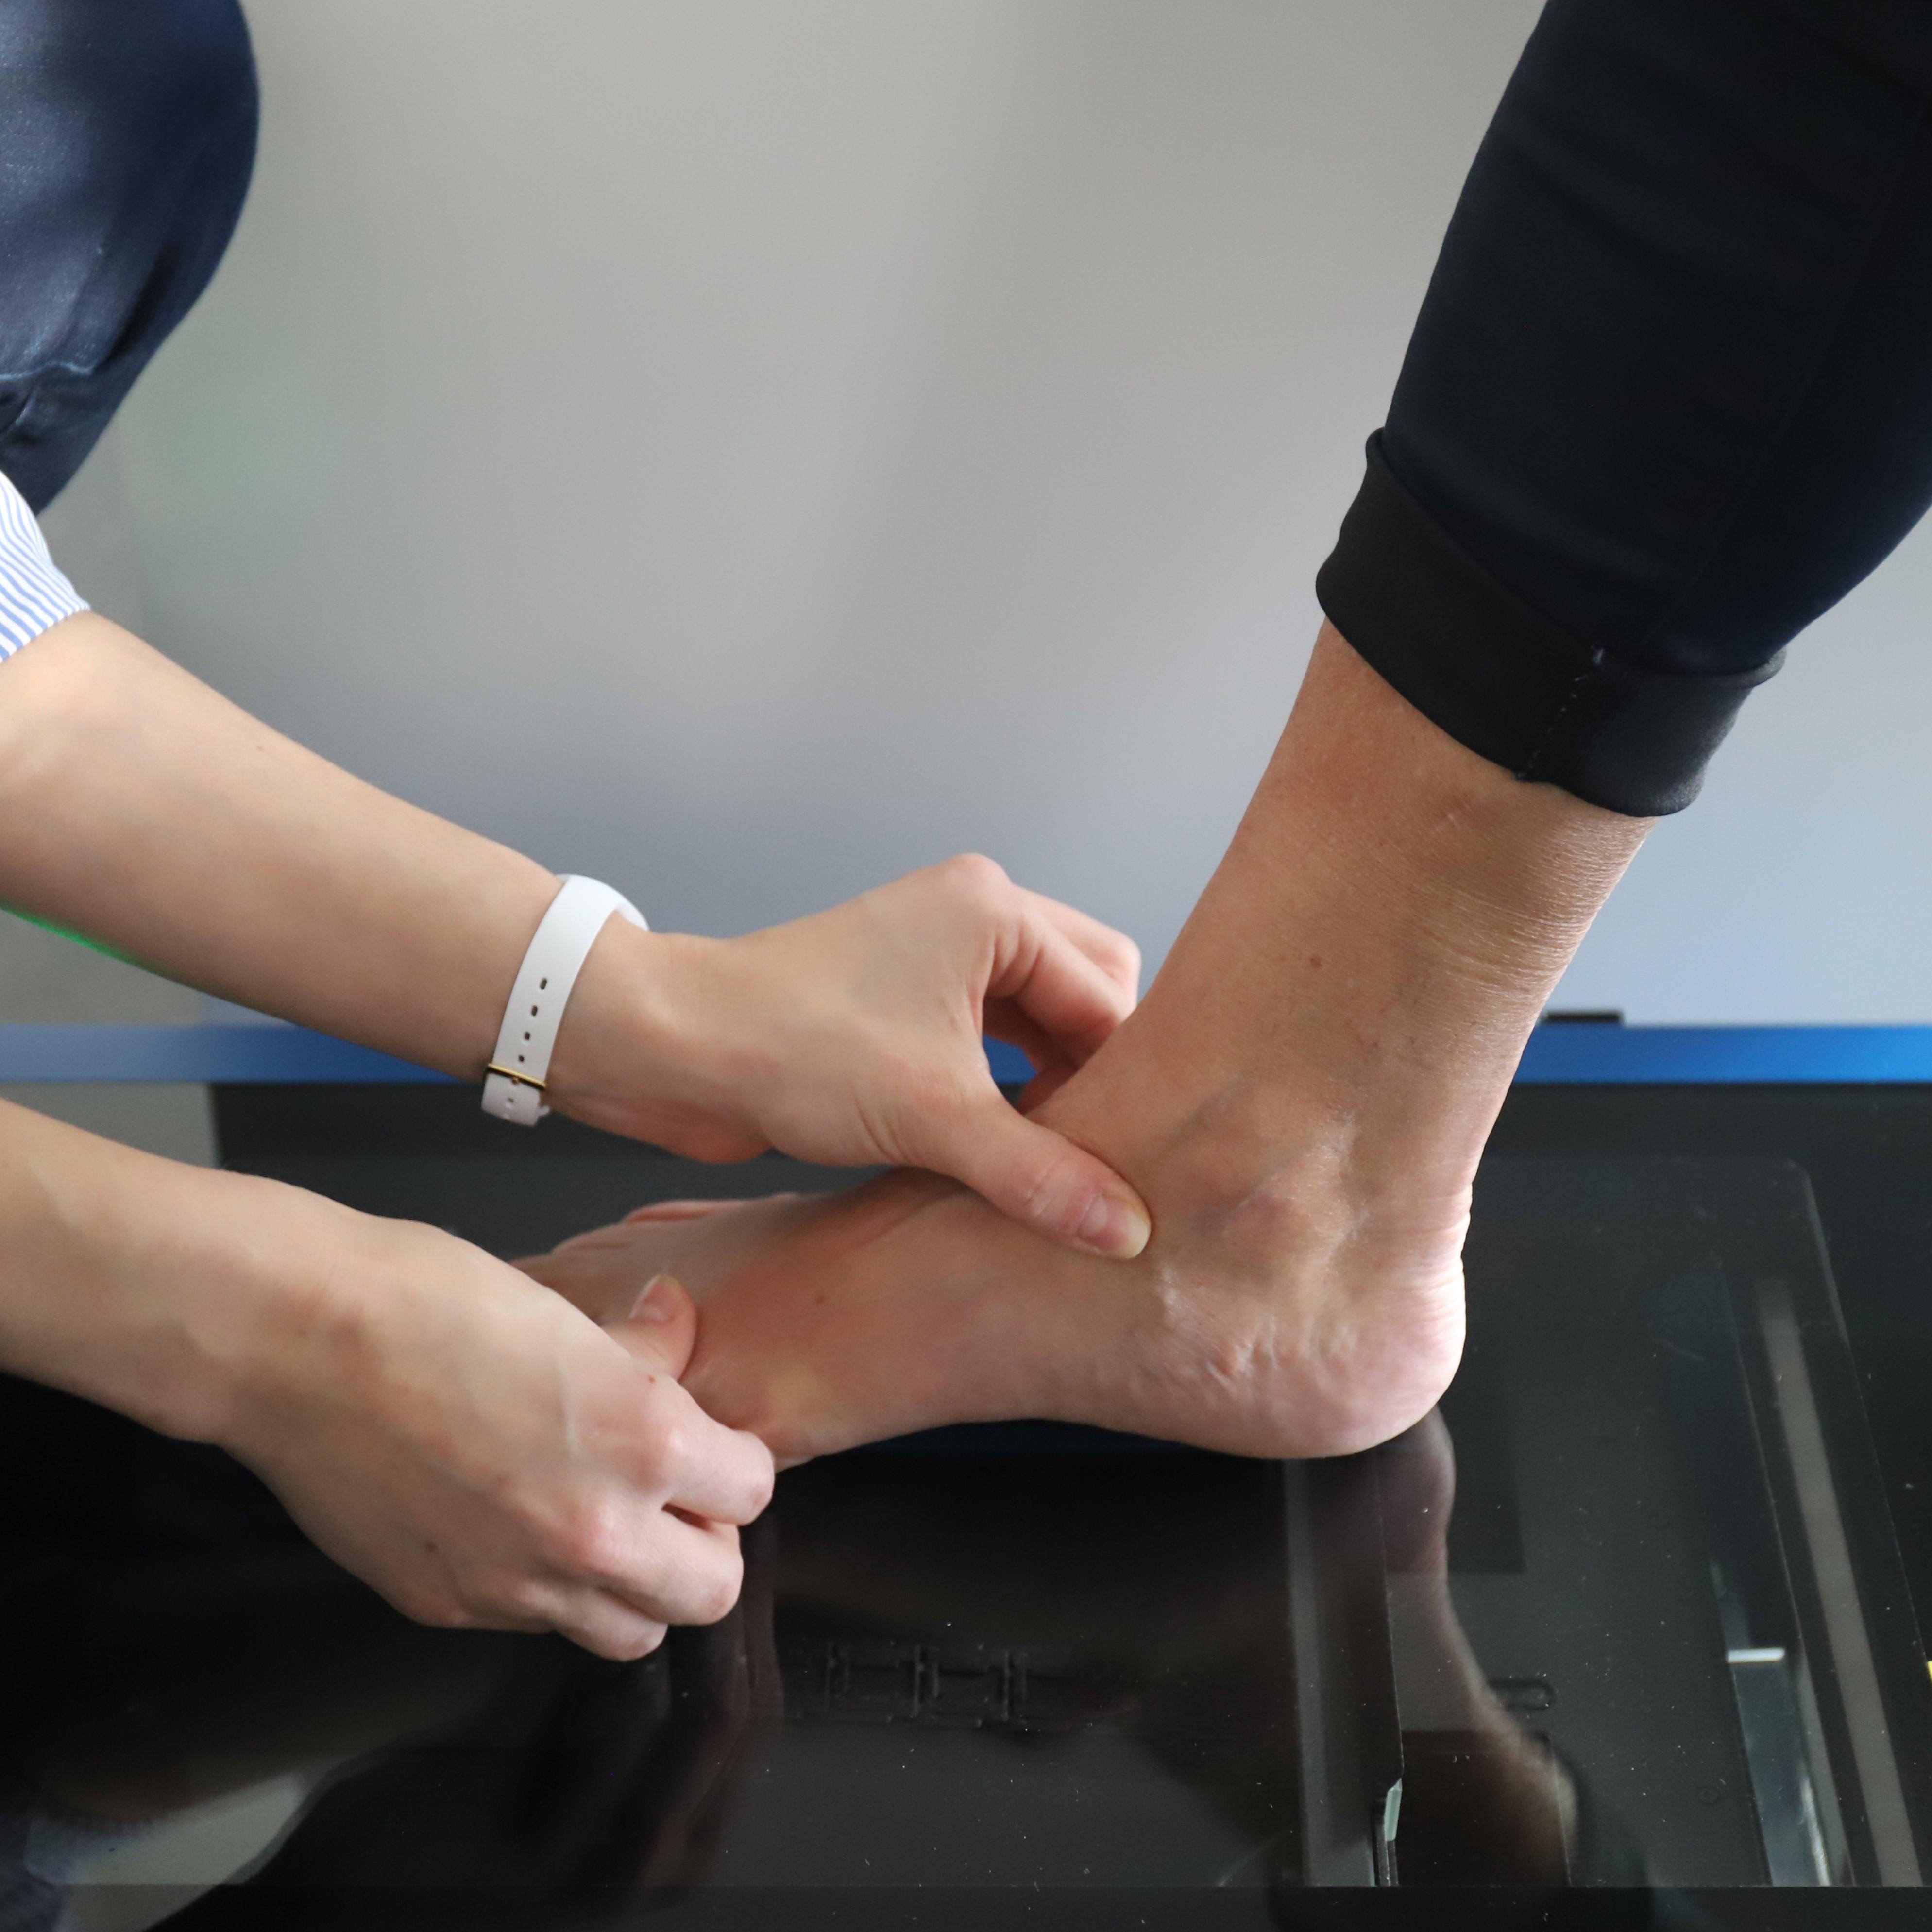 5. 3D-voetscan